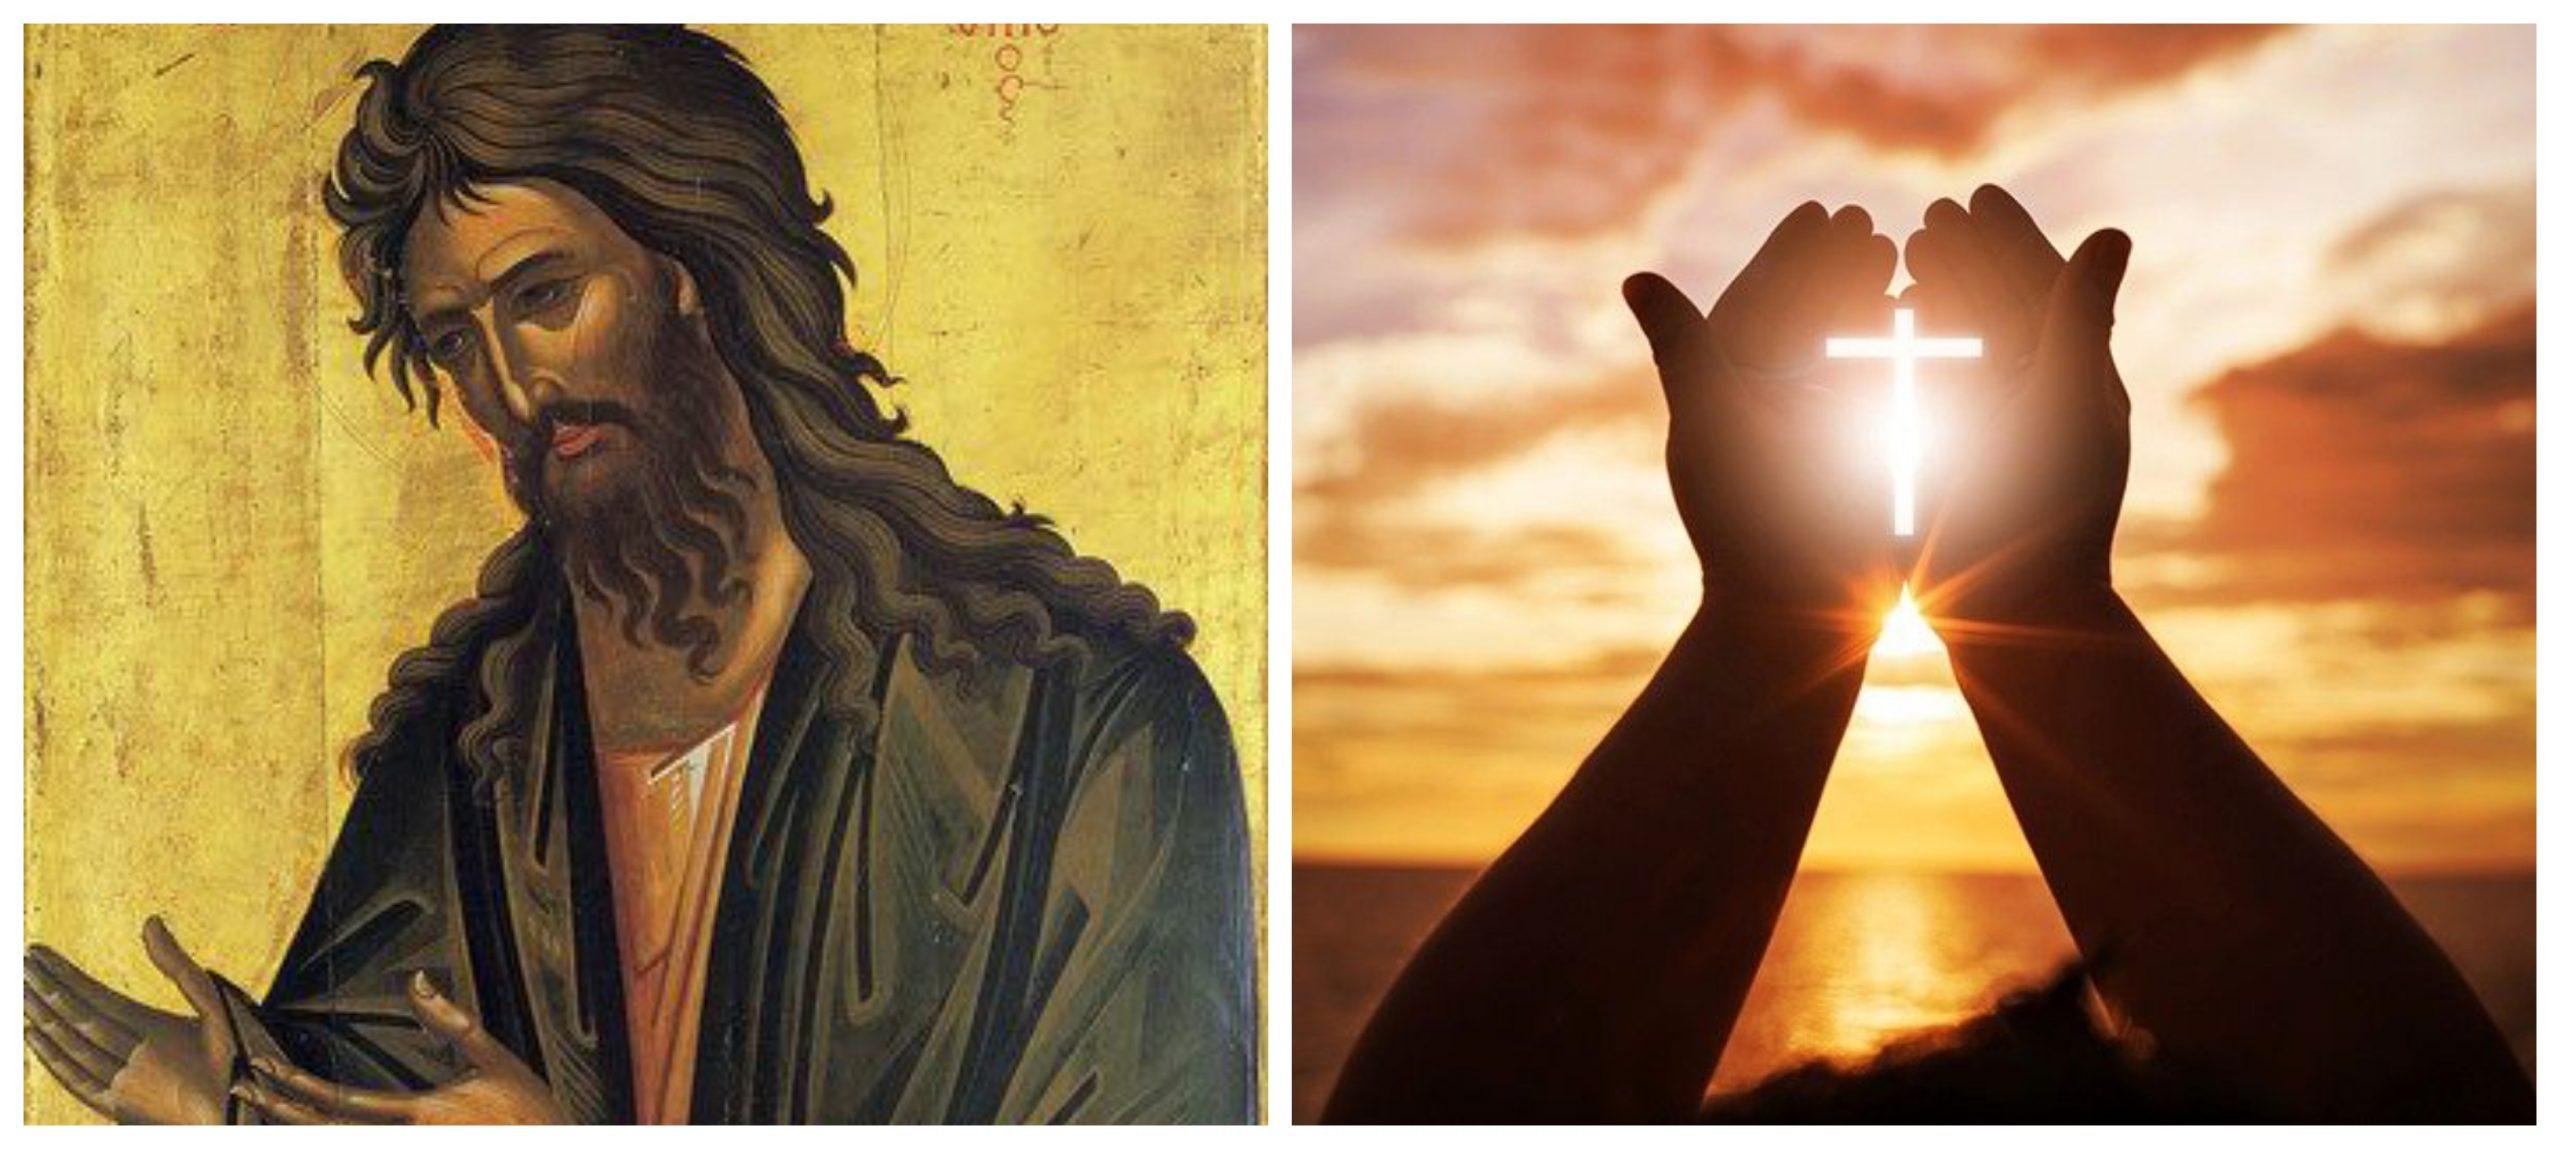 Sfântul Ioan Botezătorul. Rugăciune puternică de rostit pe 7 ianuarie